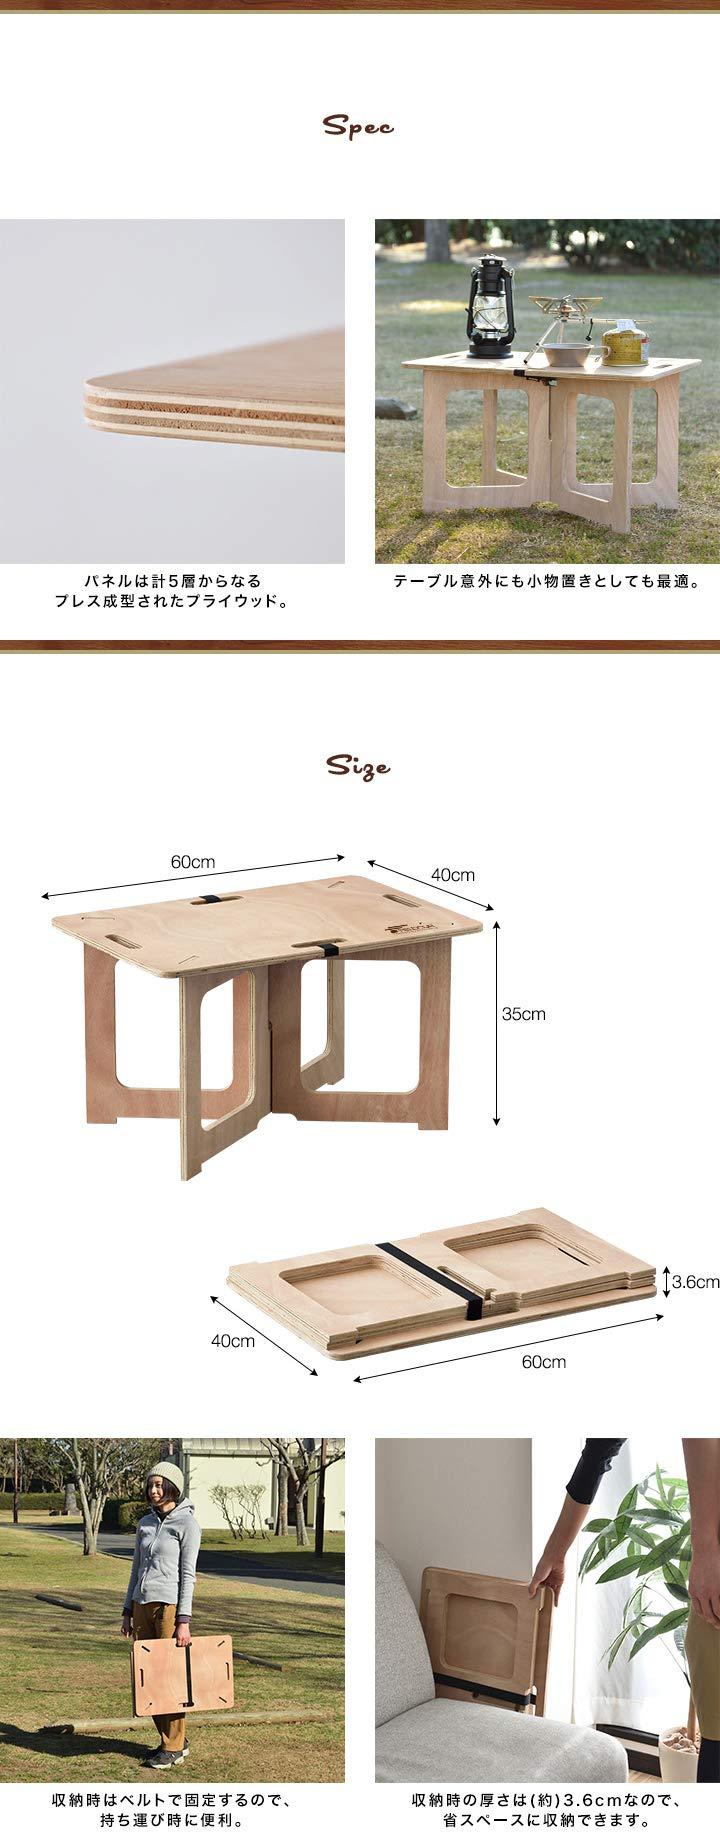 テーブル フィールド ア